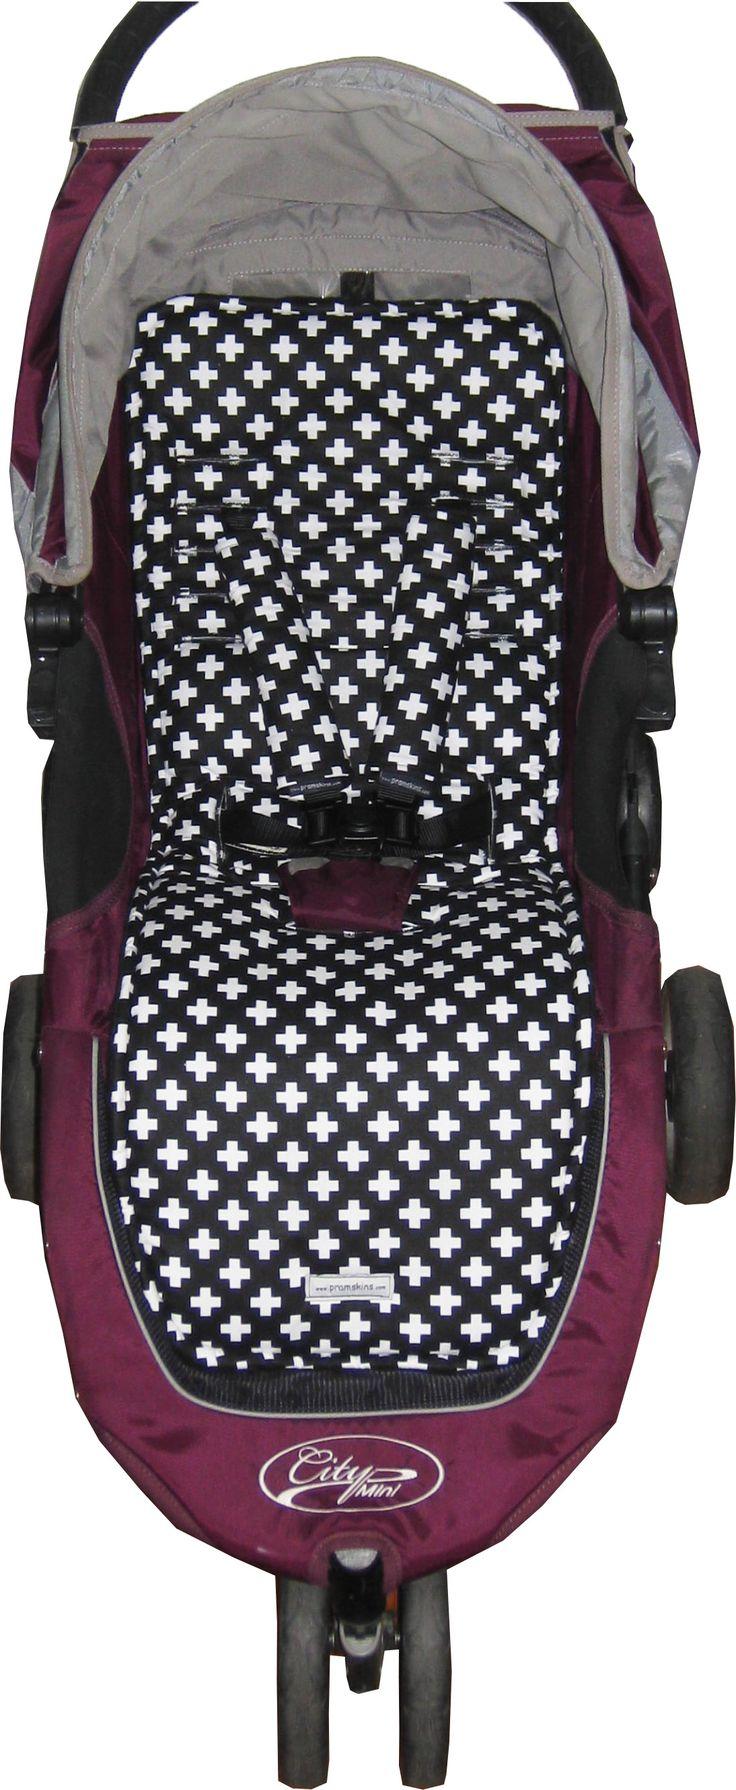 Black & White Crossess for Baby Jogger City Mini